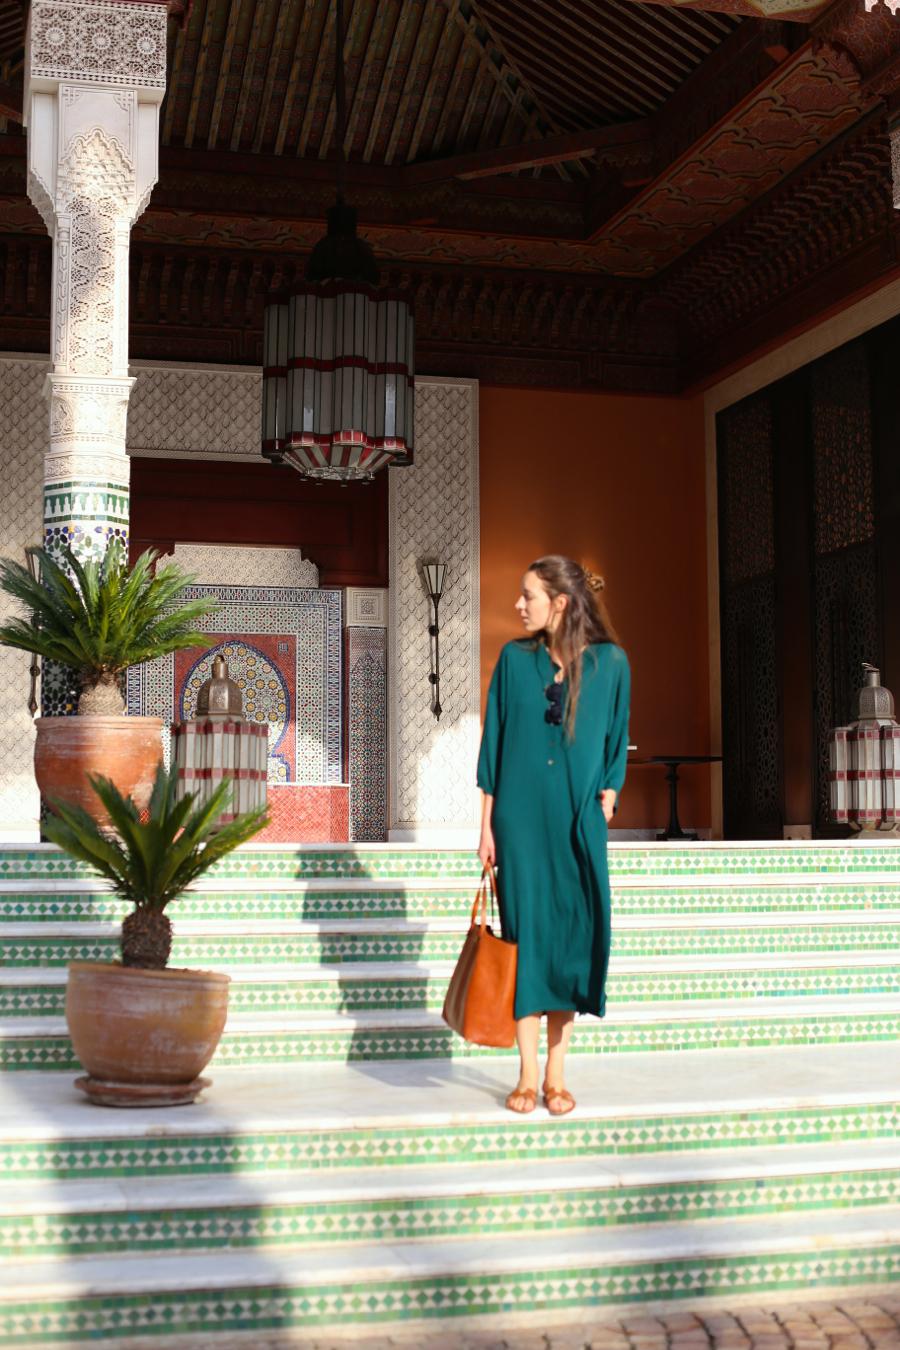 ari_primerandlacquer_in_marrakesch_48